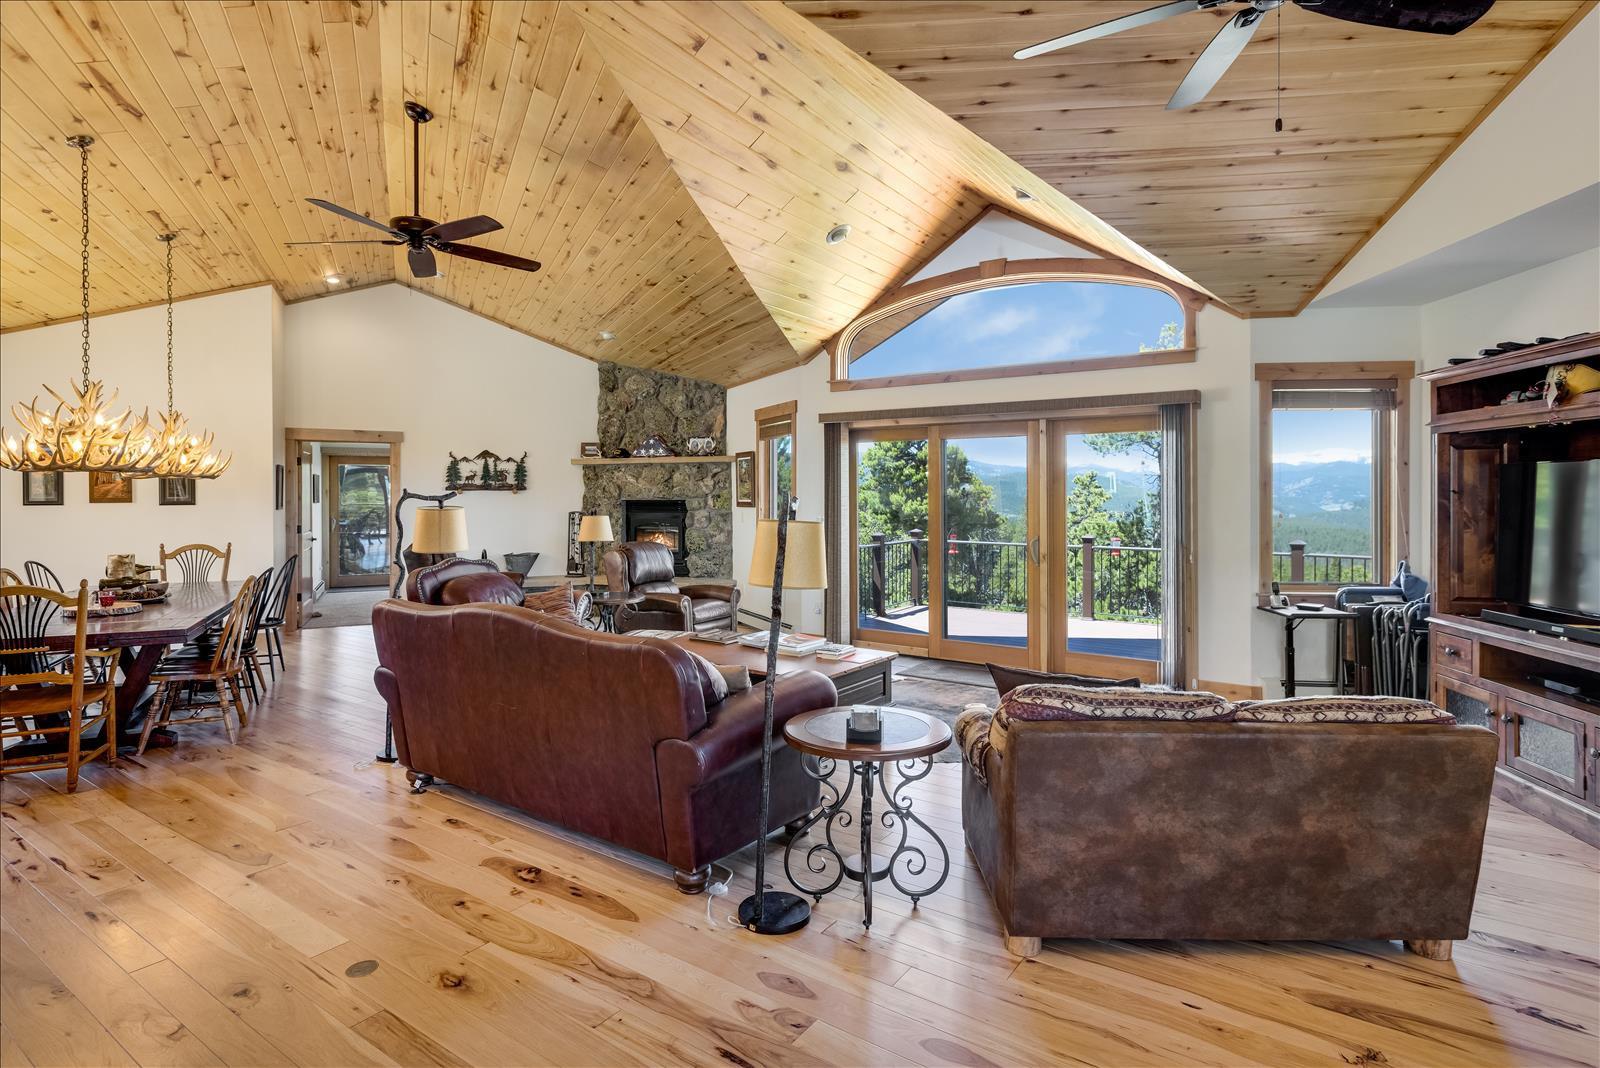 Great room with views of Arapahoe Peaks